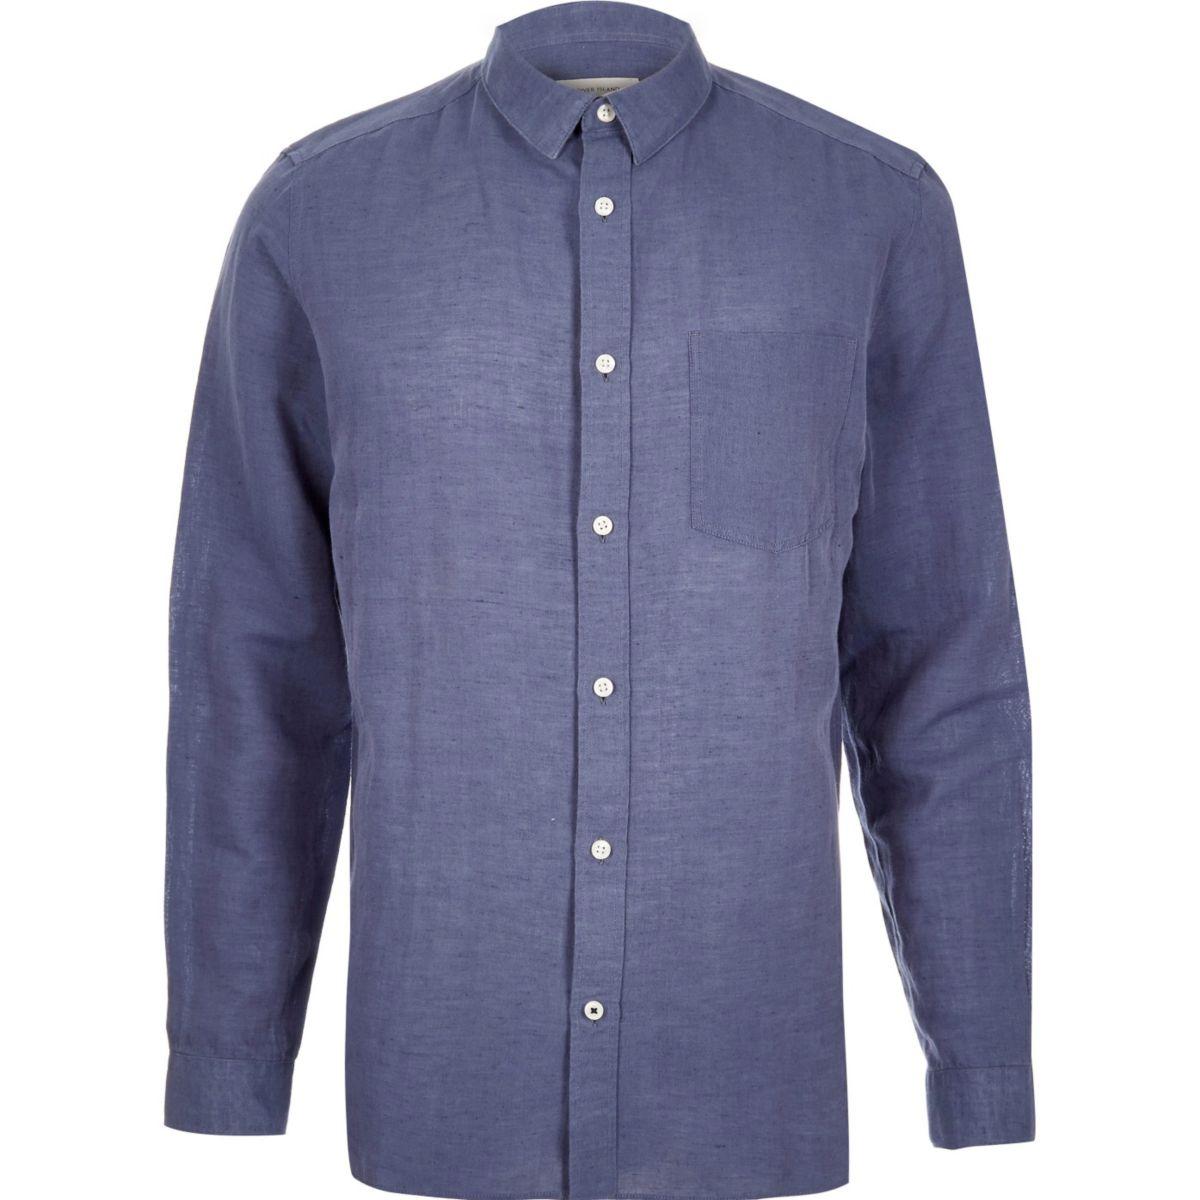 Chemise en lin majoritaire bleue coupe ample